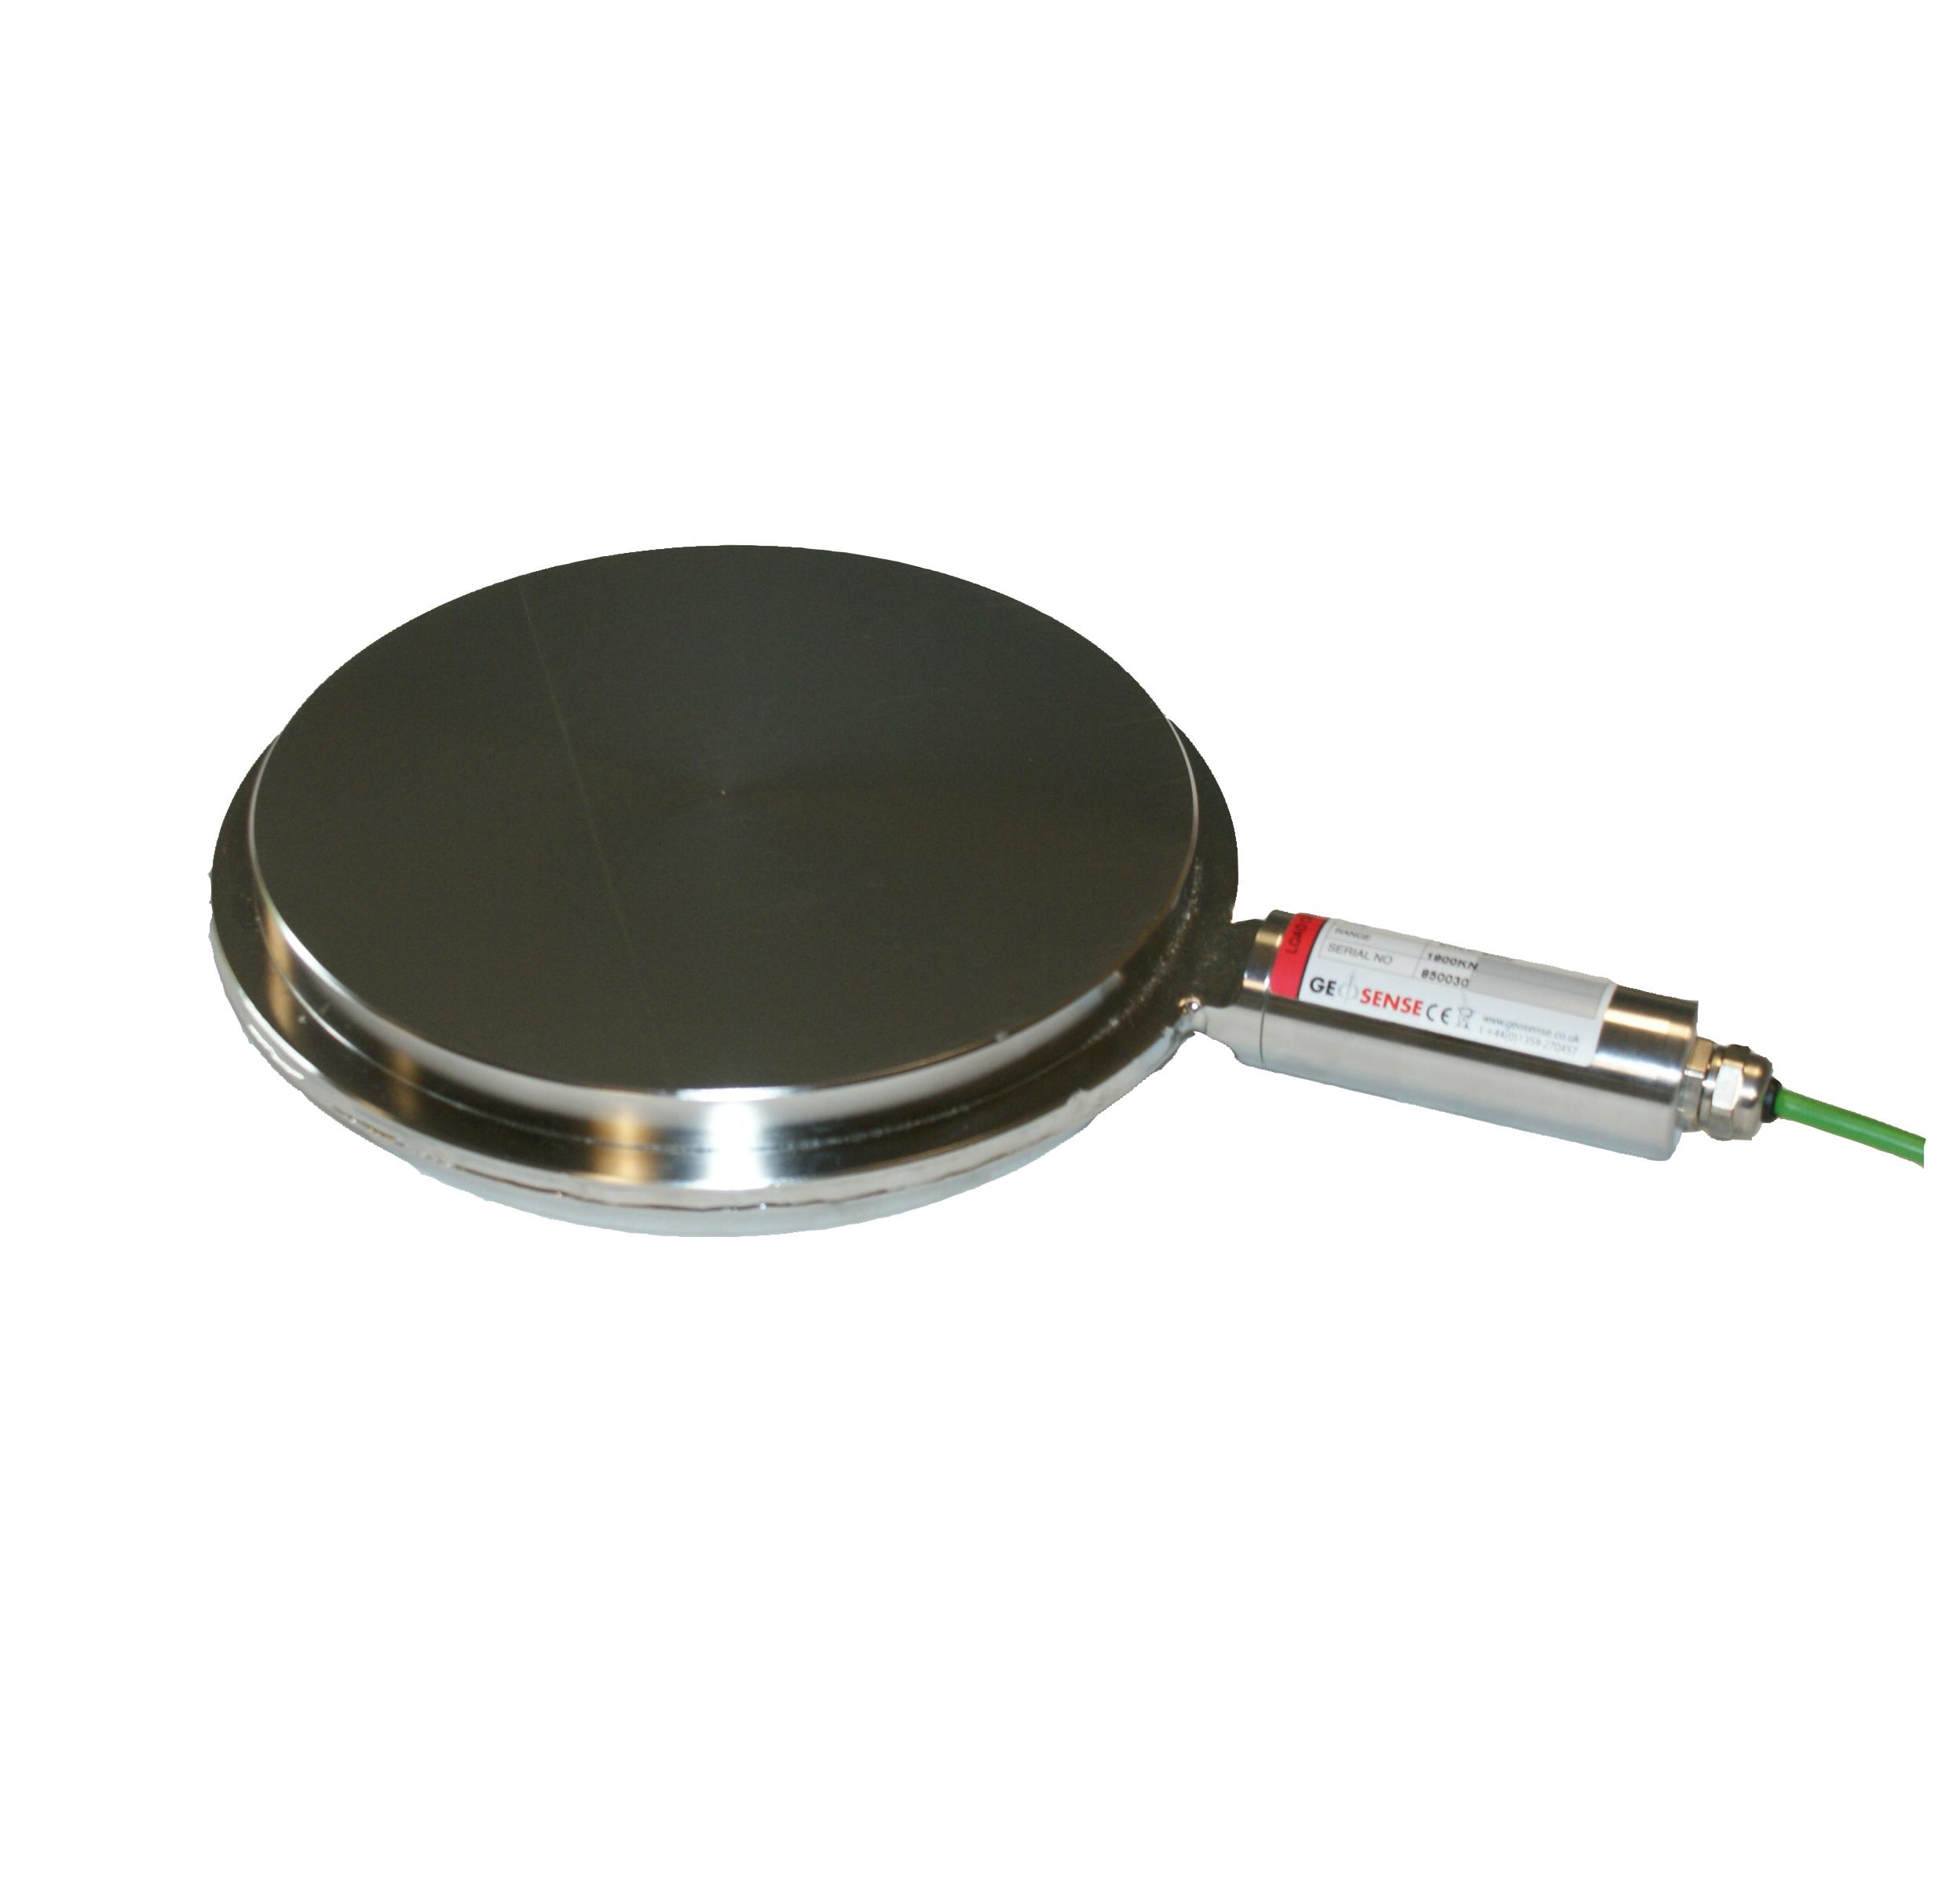 Pressure Cell lắp đặt cho vỏ hầm và thanh chống GEOSENSE UK